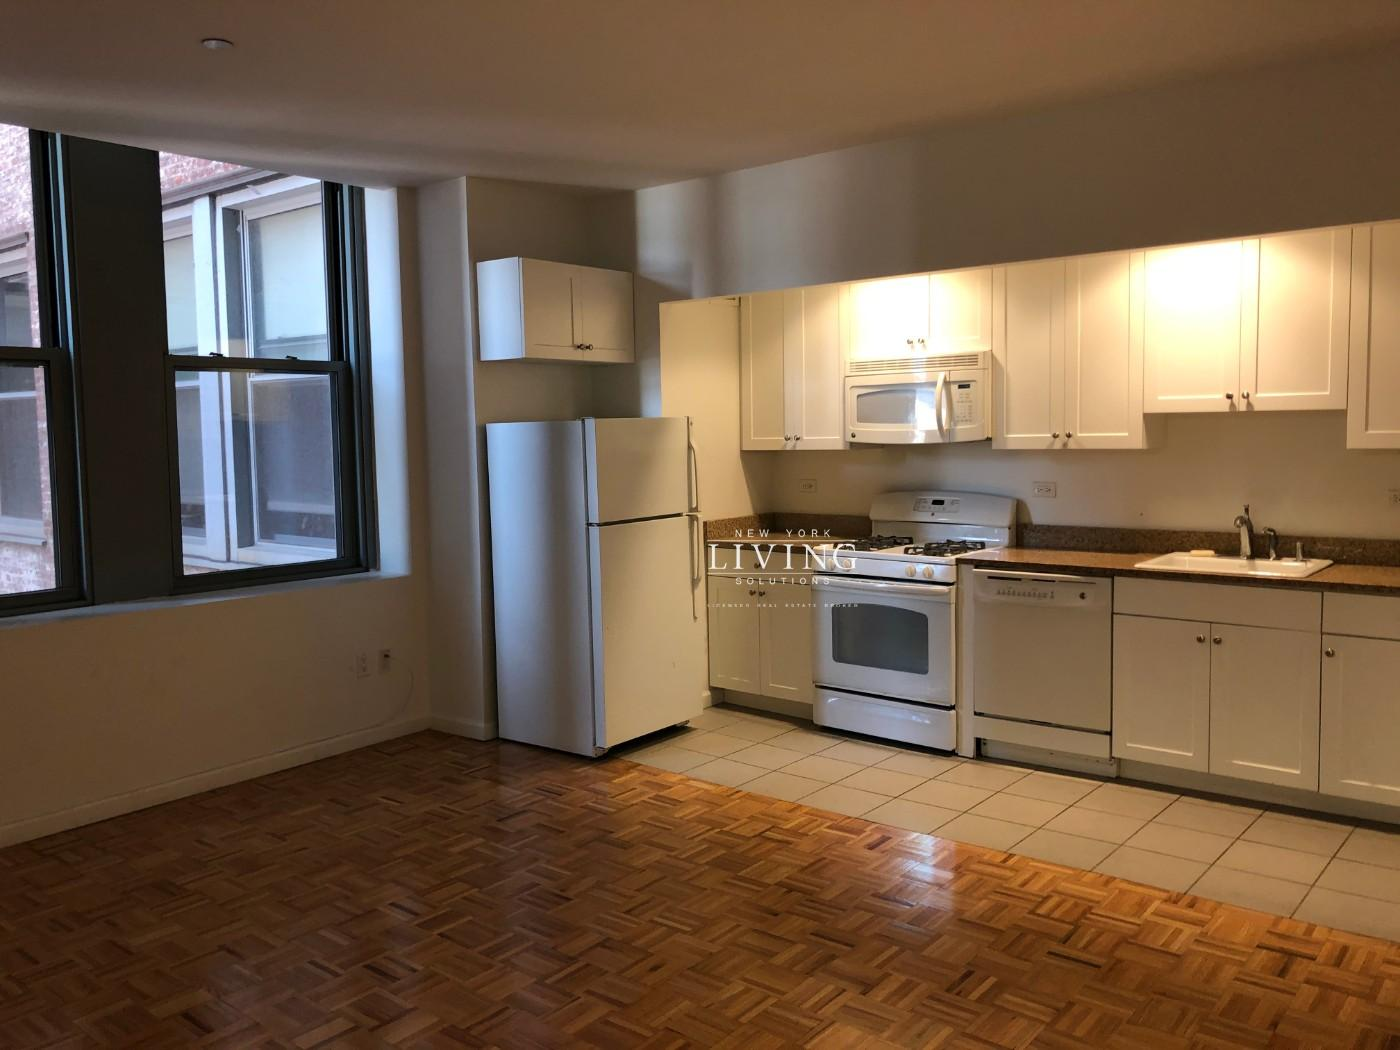 15 Park Row Seaport District New York NY 10038